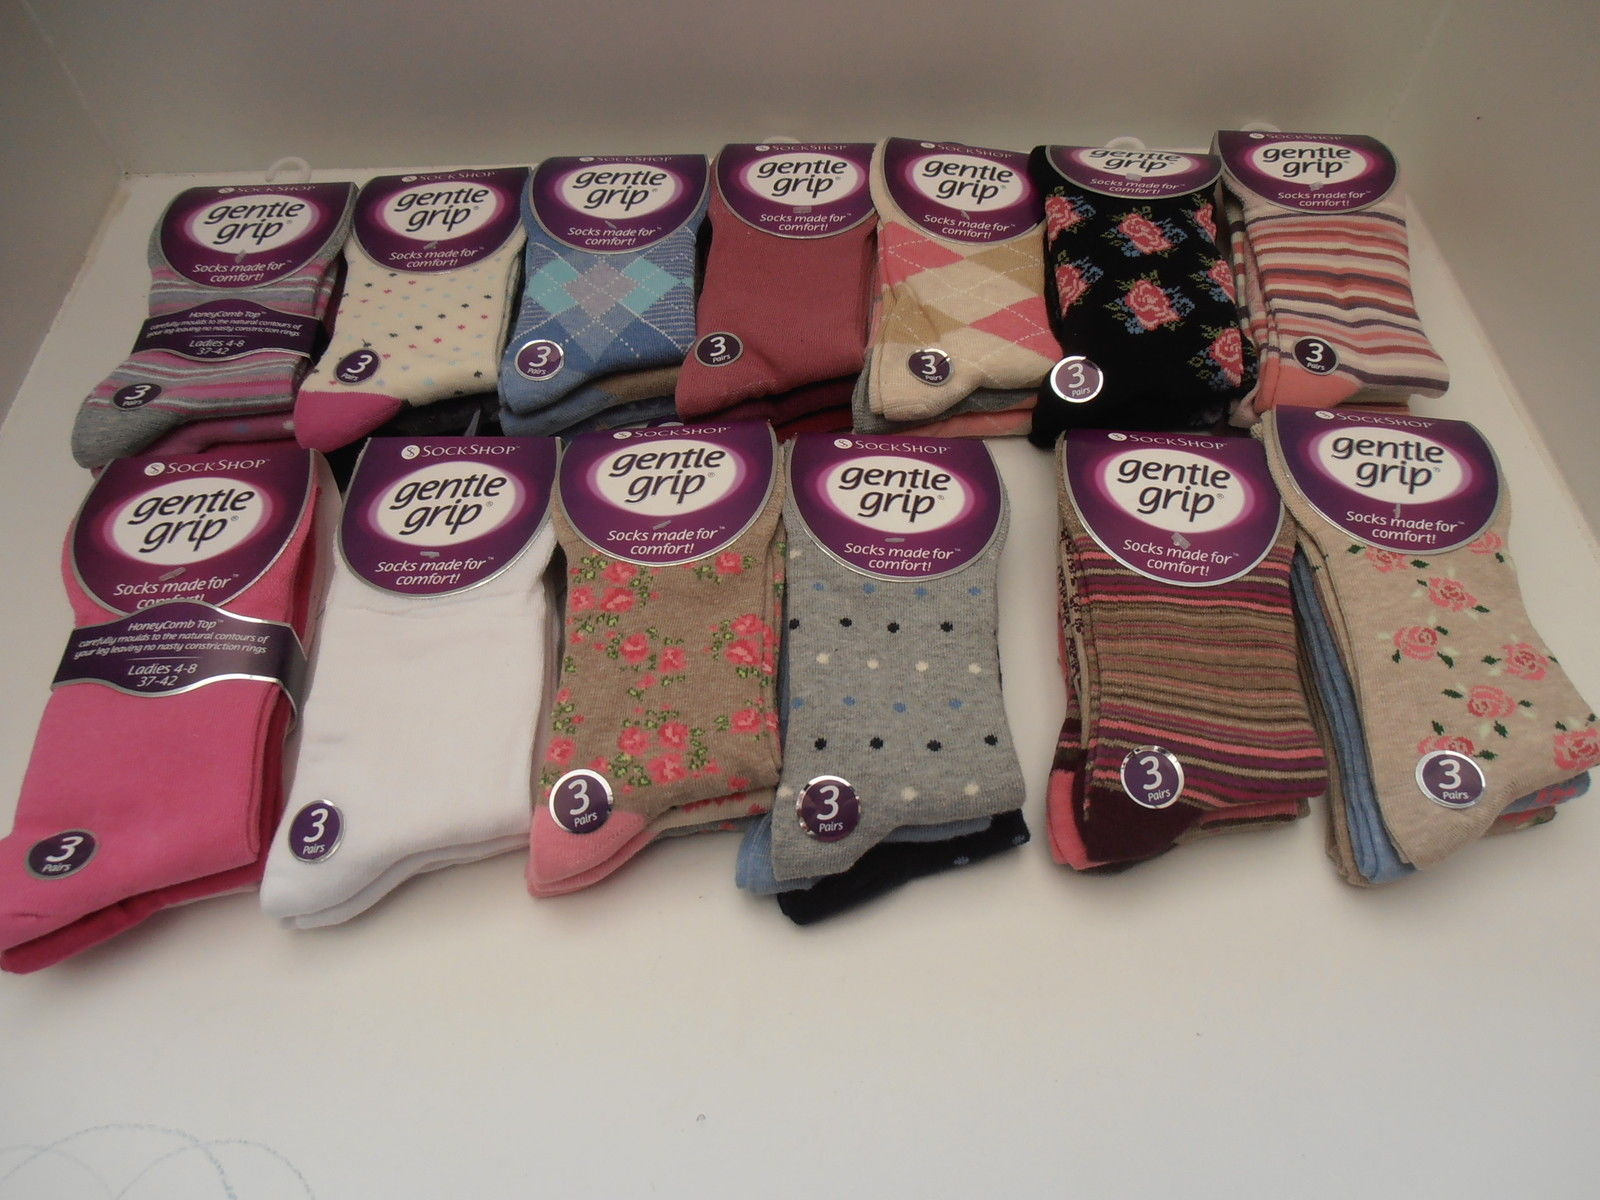 ladies socks diabetic non elastic gentle grip soft top sock 3 pairs size 4-7